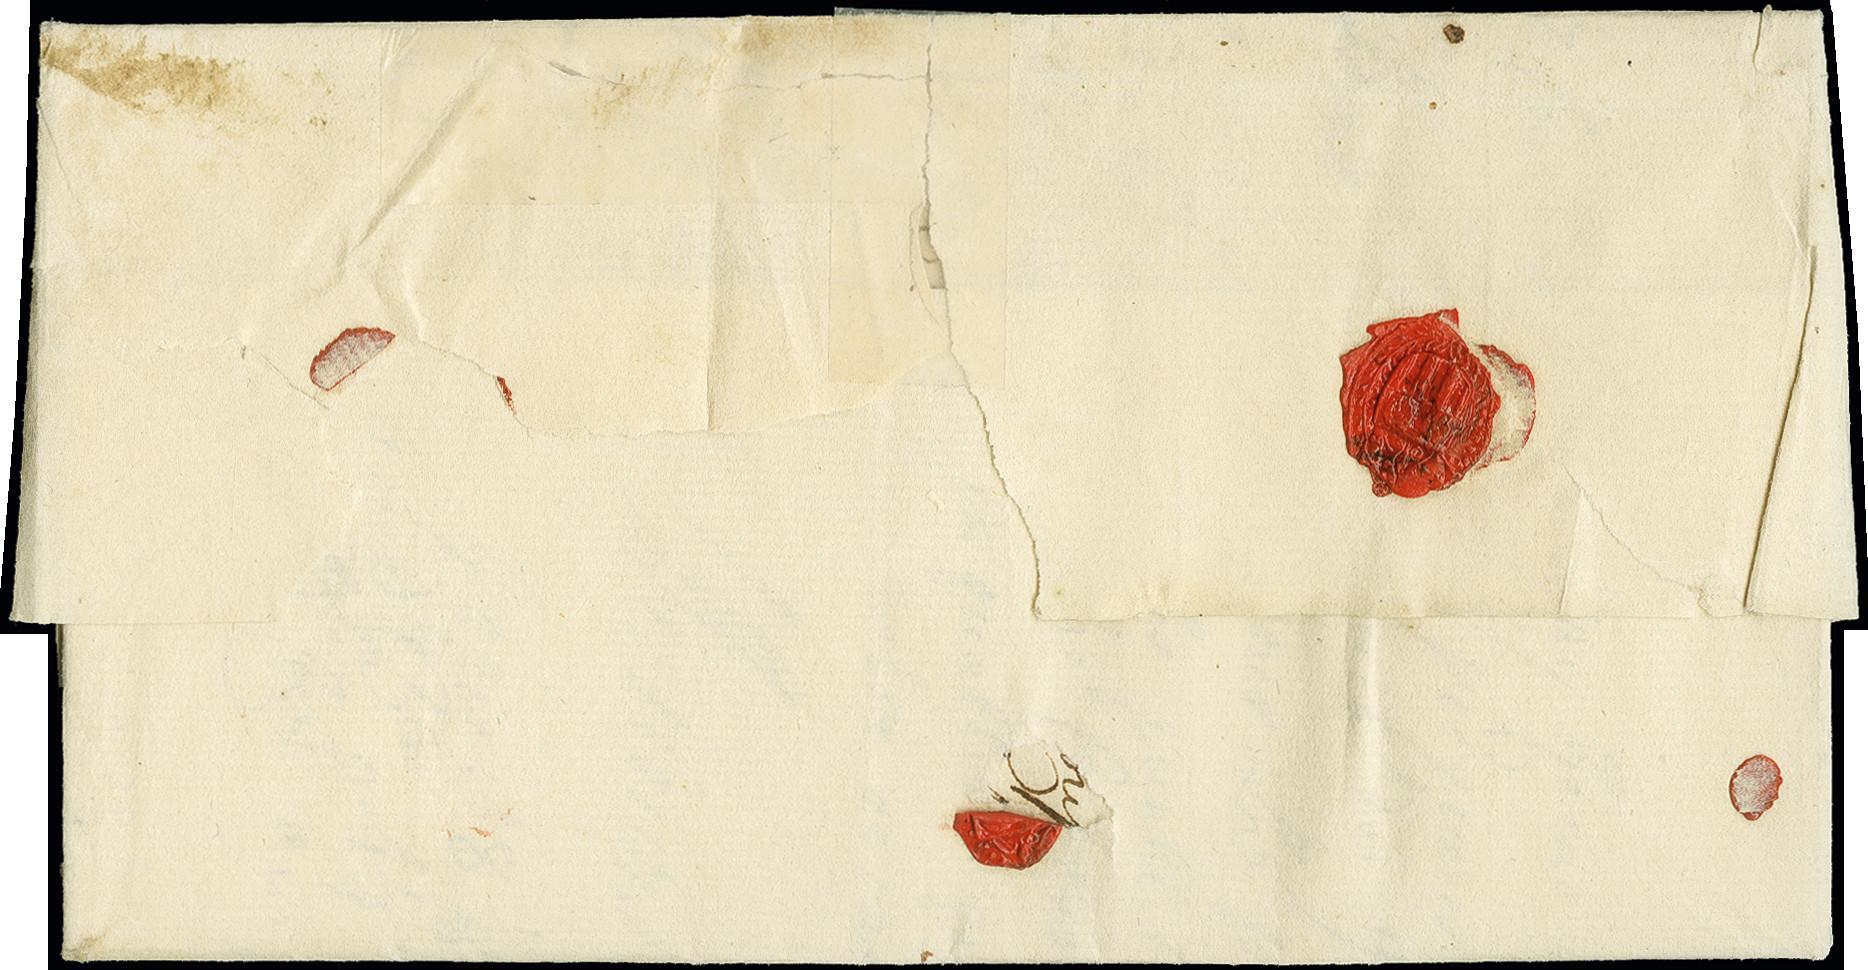 Lot 222 - europe Belgium -  Heinrich Koehler Auktionen Auction #368- Day 1